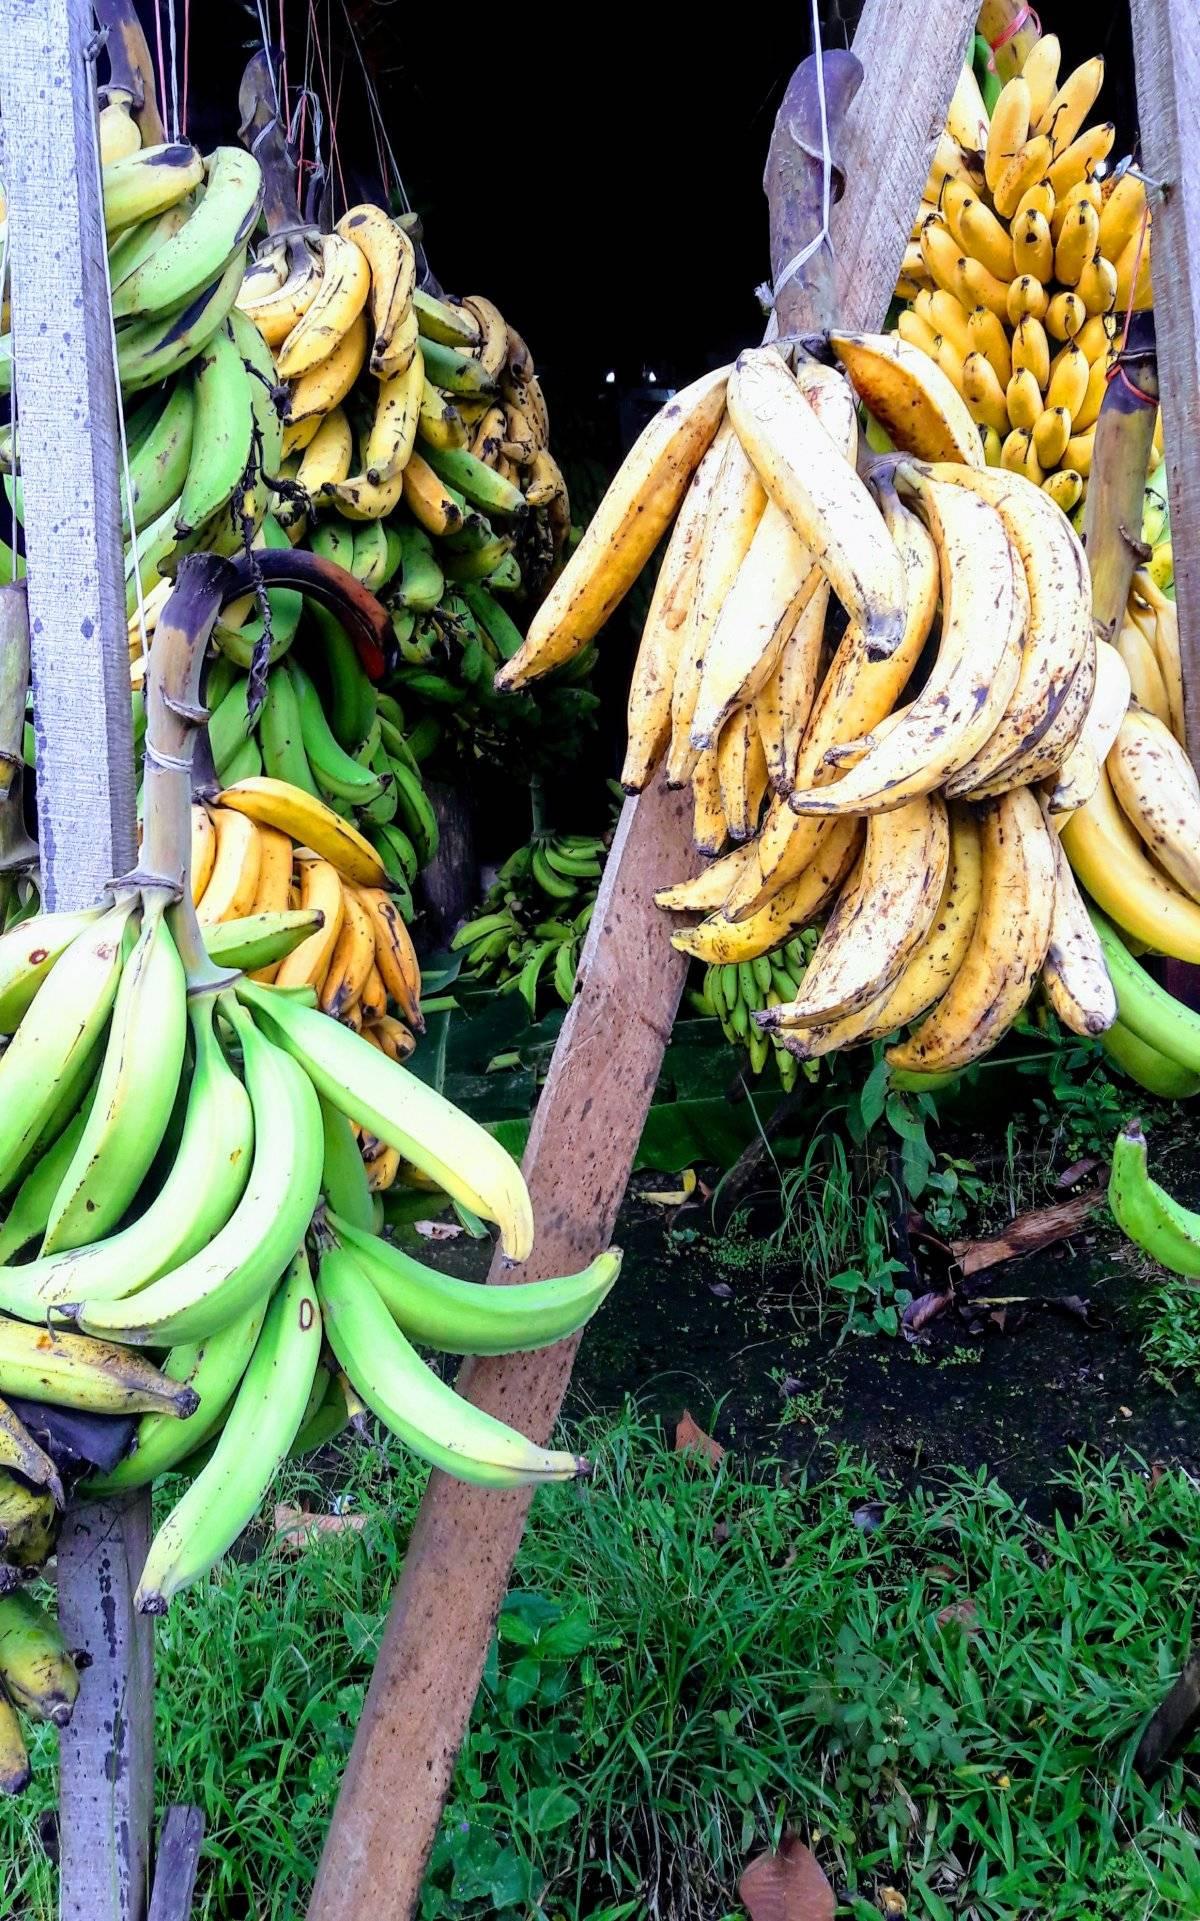 Exportación bananera. Destaca a Costa Rica entre los demás países de Centroamérica. Entre enero y septiembre de 2017 exportaron el equivalente a 784 millones de dólares. Maryelin Reyes